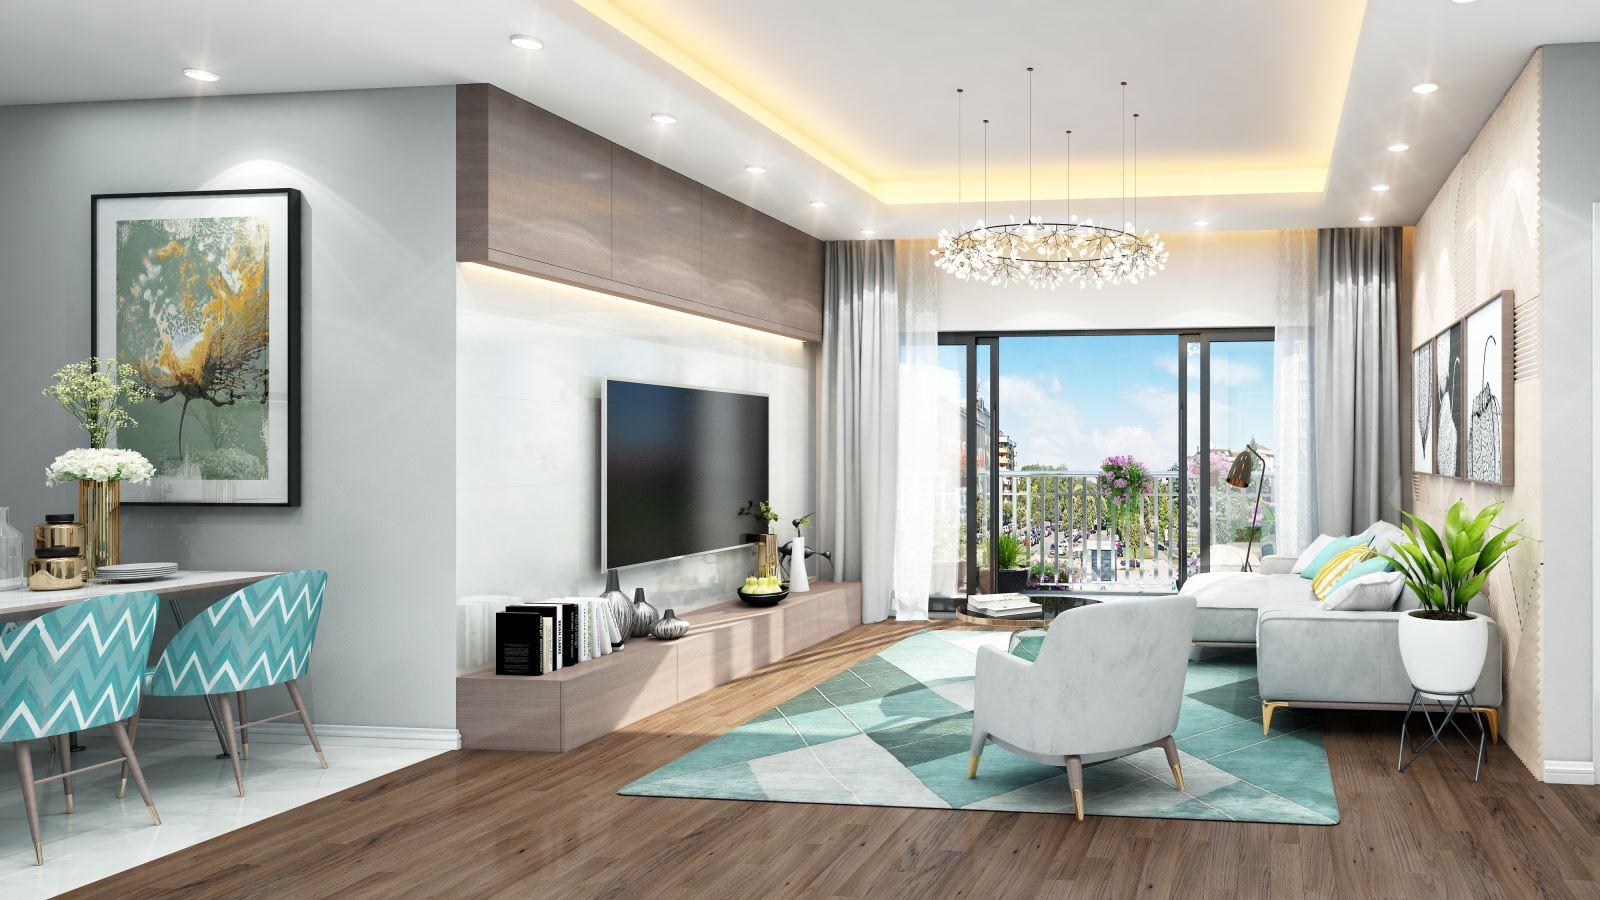 Thiết kế căn hộ Sky View Plaza